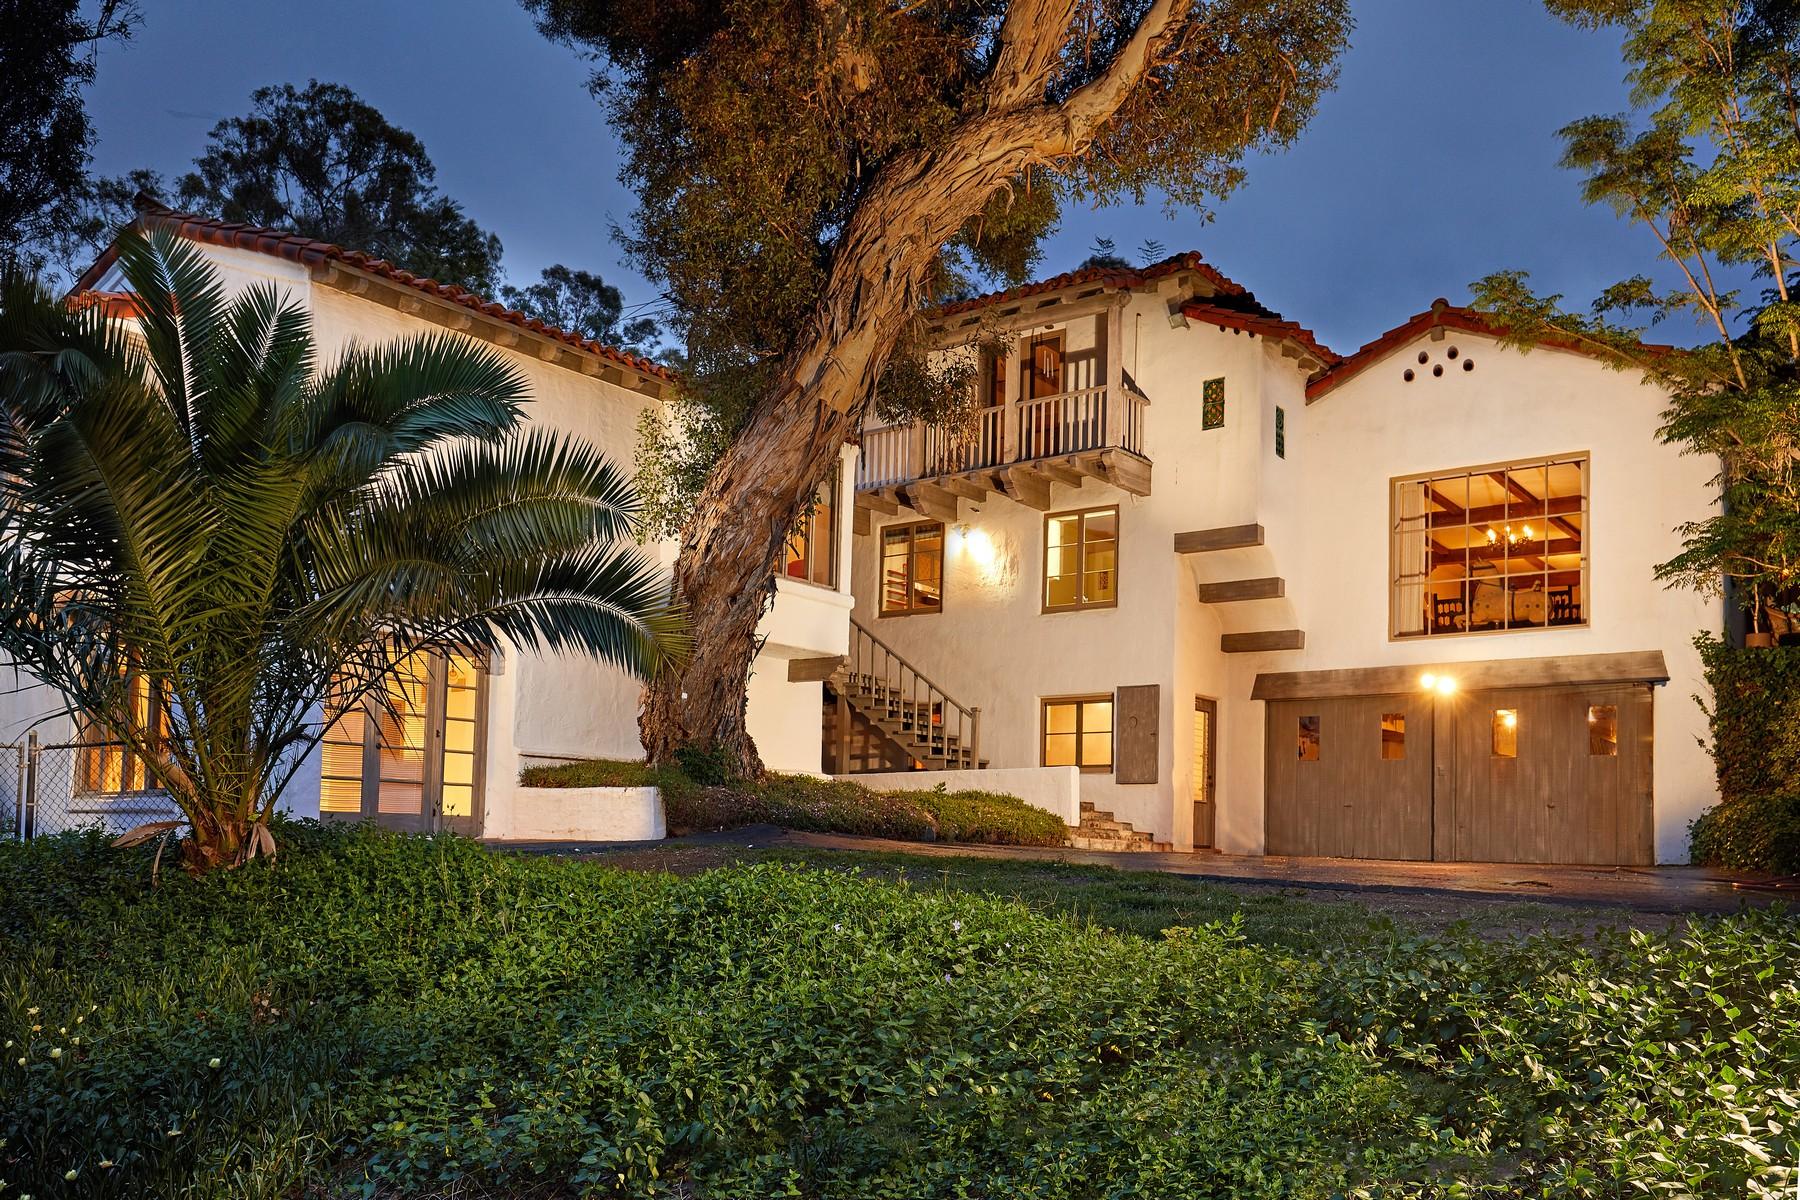 Einfamilienhaus für Verkauf beim 5860 Lago Lindo Rancho Santa Fe, Kalifornien, 92067 Vereinigte Staaten